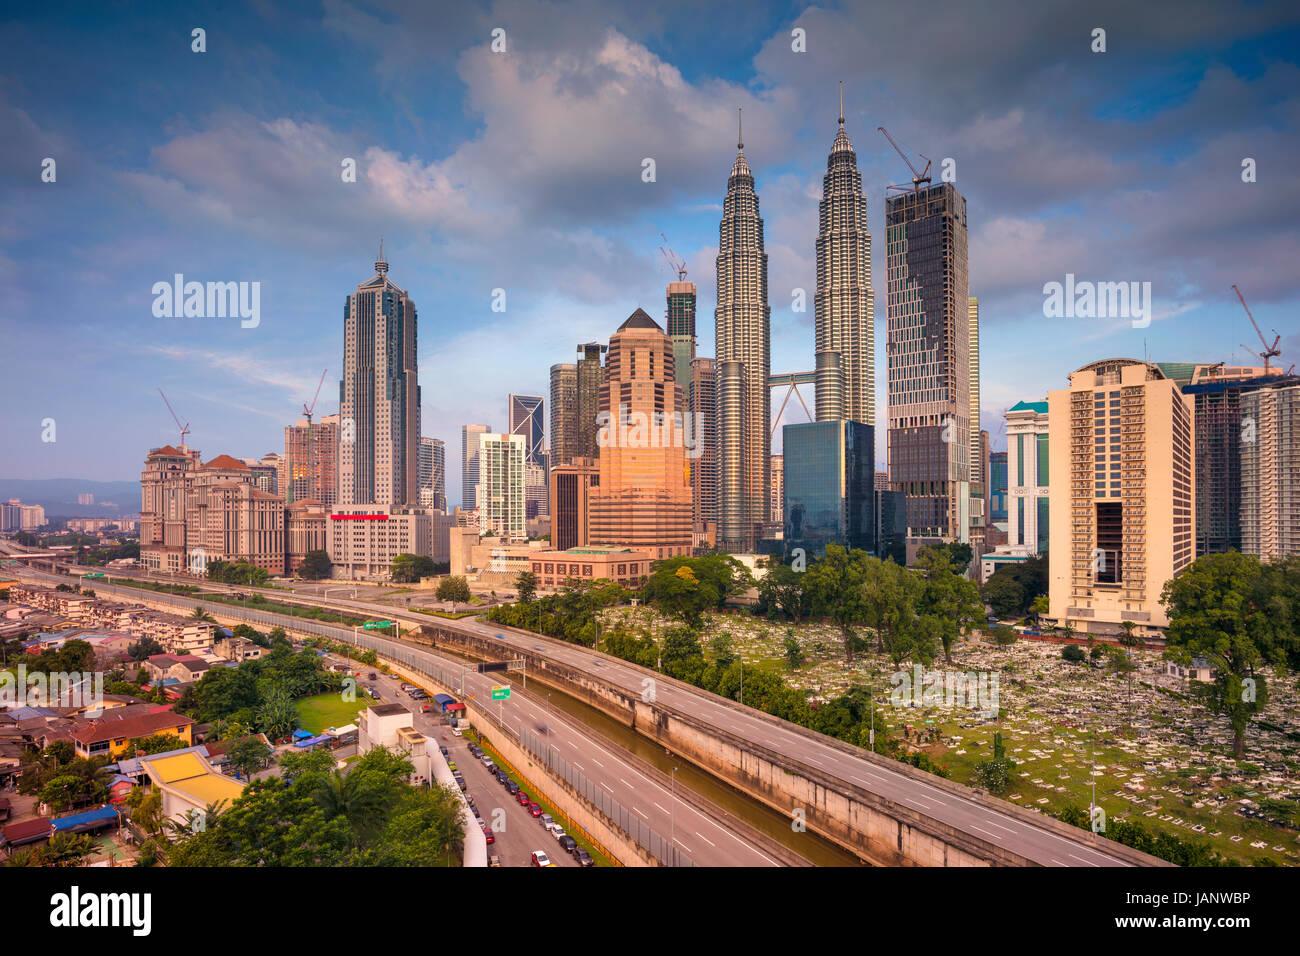 Kuala Lumpur. Cityscape image of Kuala Lumpur, Malaysia during day. Stock Photo